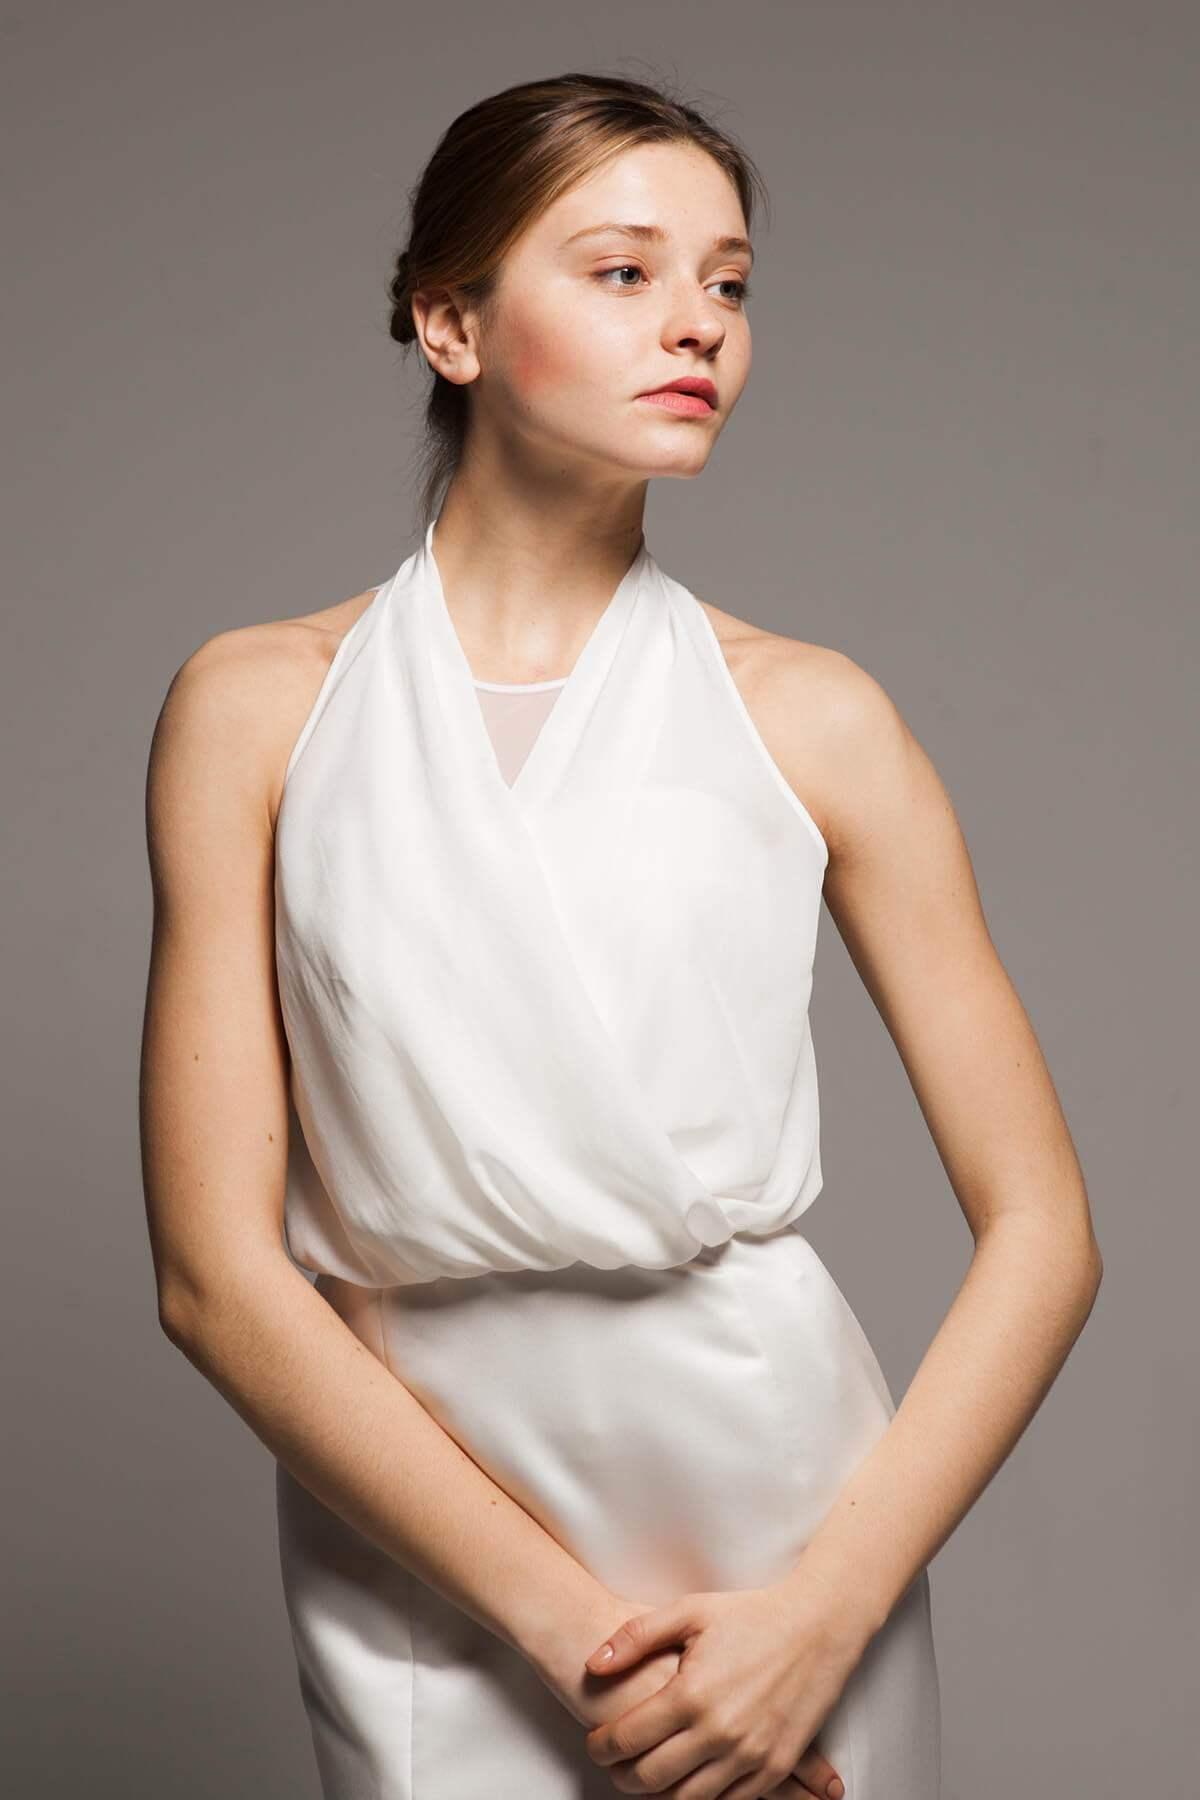 『Rebekahirao』は、海外ファッションのテイストを取り入れながら、日本人の女性の体型に合わせてデザインされた商品を展開するアパレルブランドとして代官山に